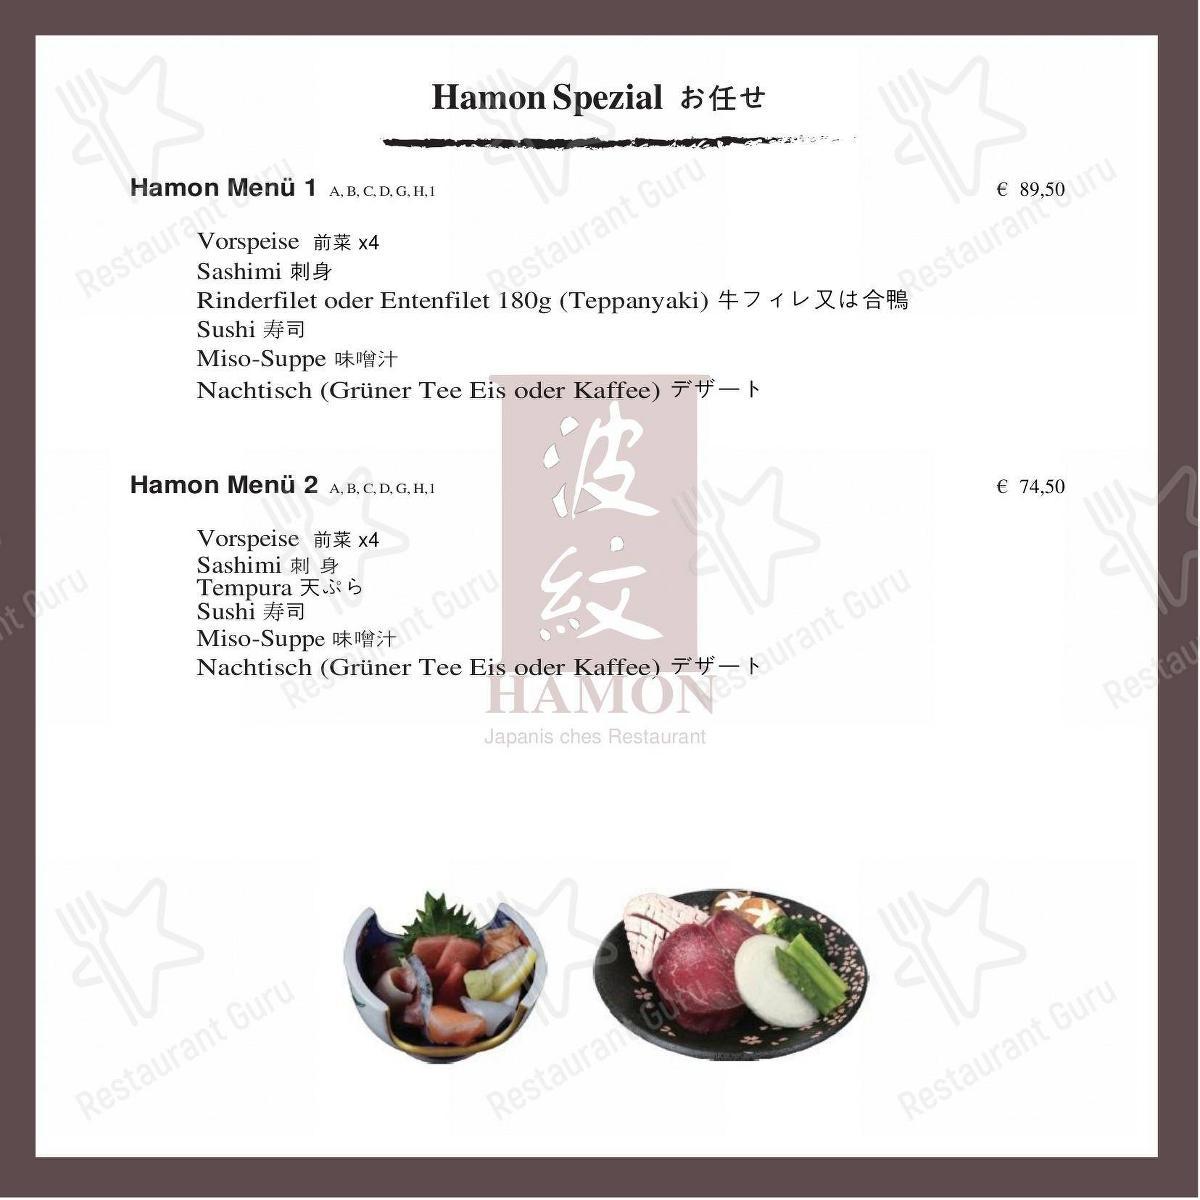 Hamon Speisekarte - Essen und Getränke